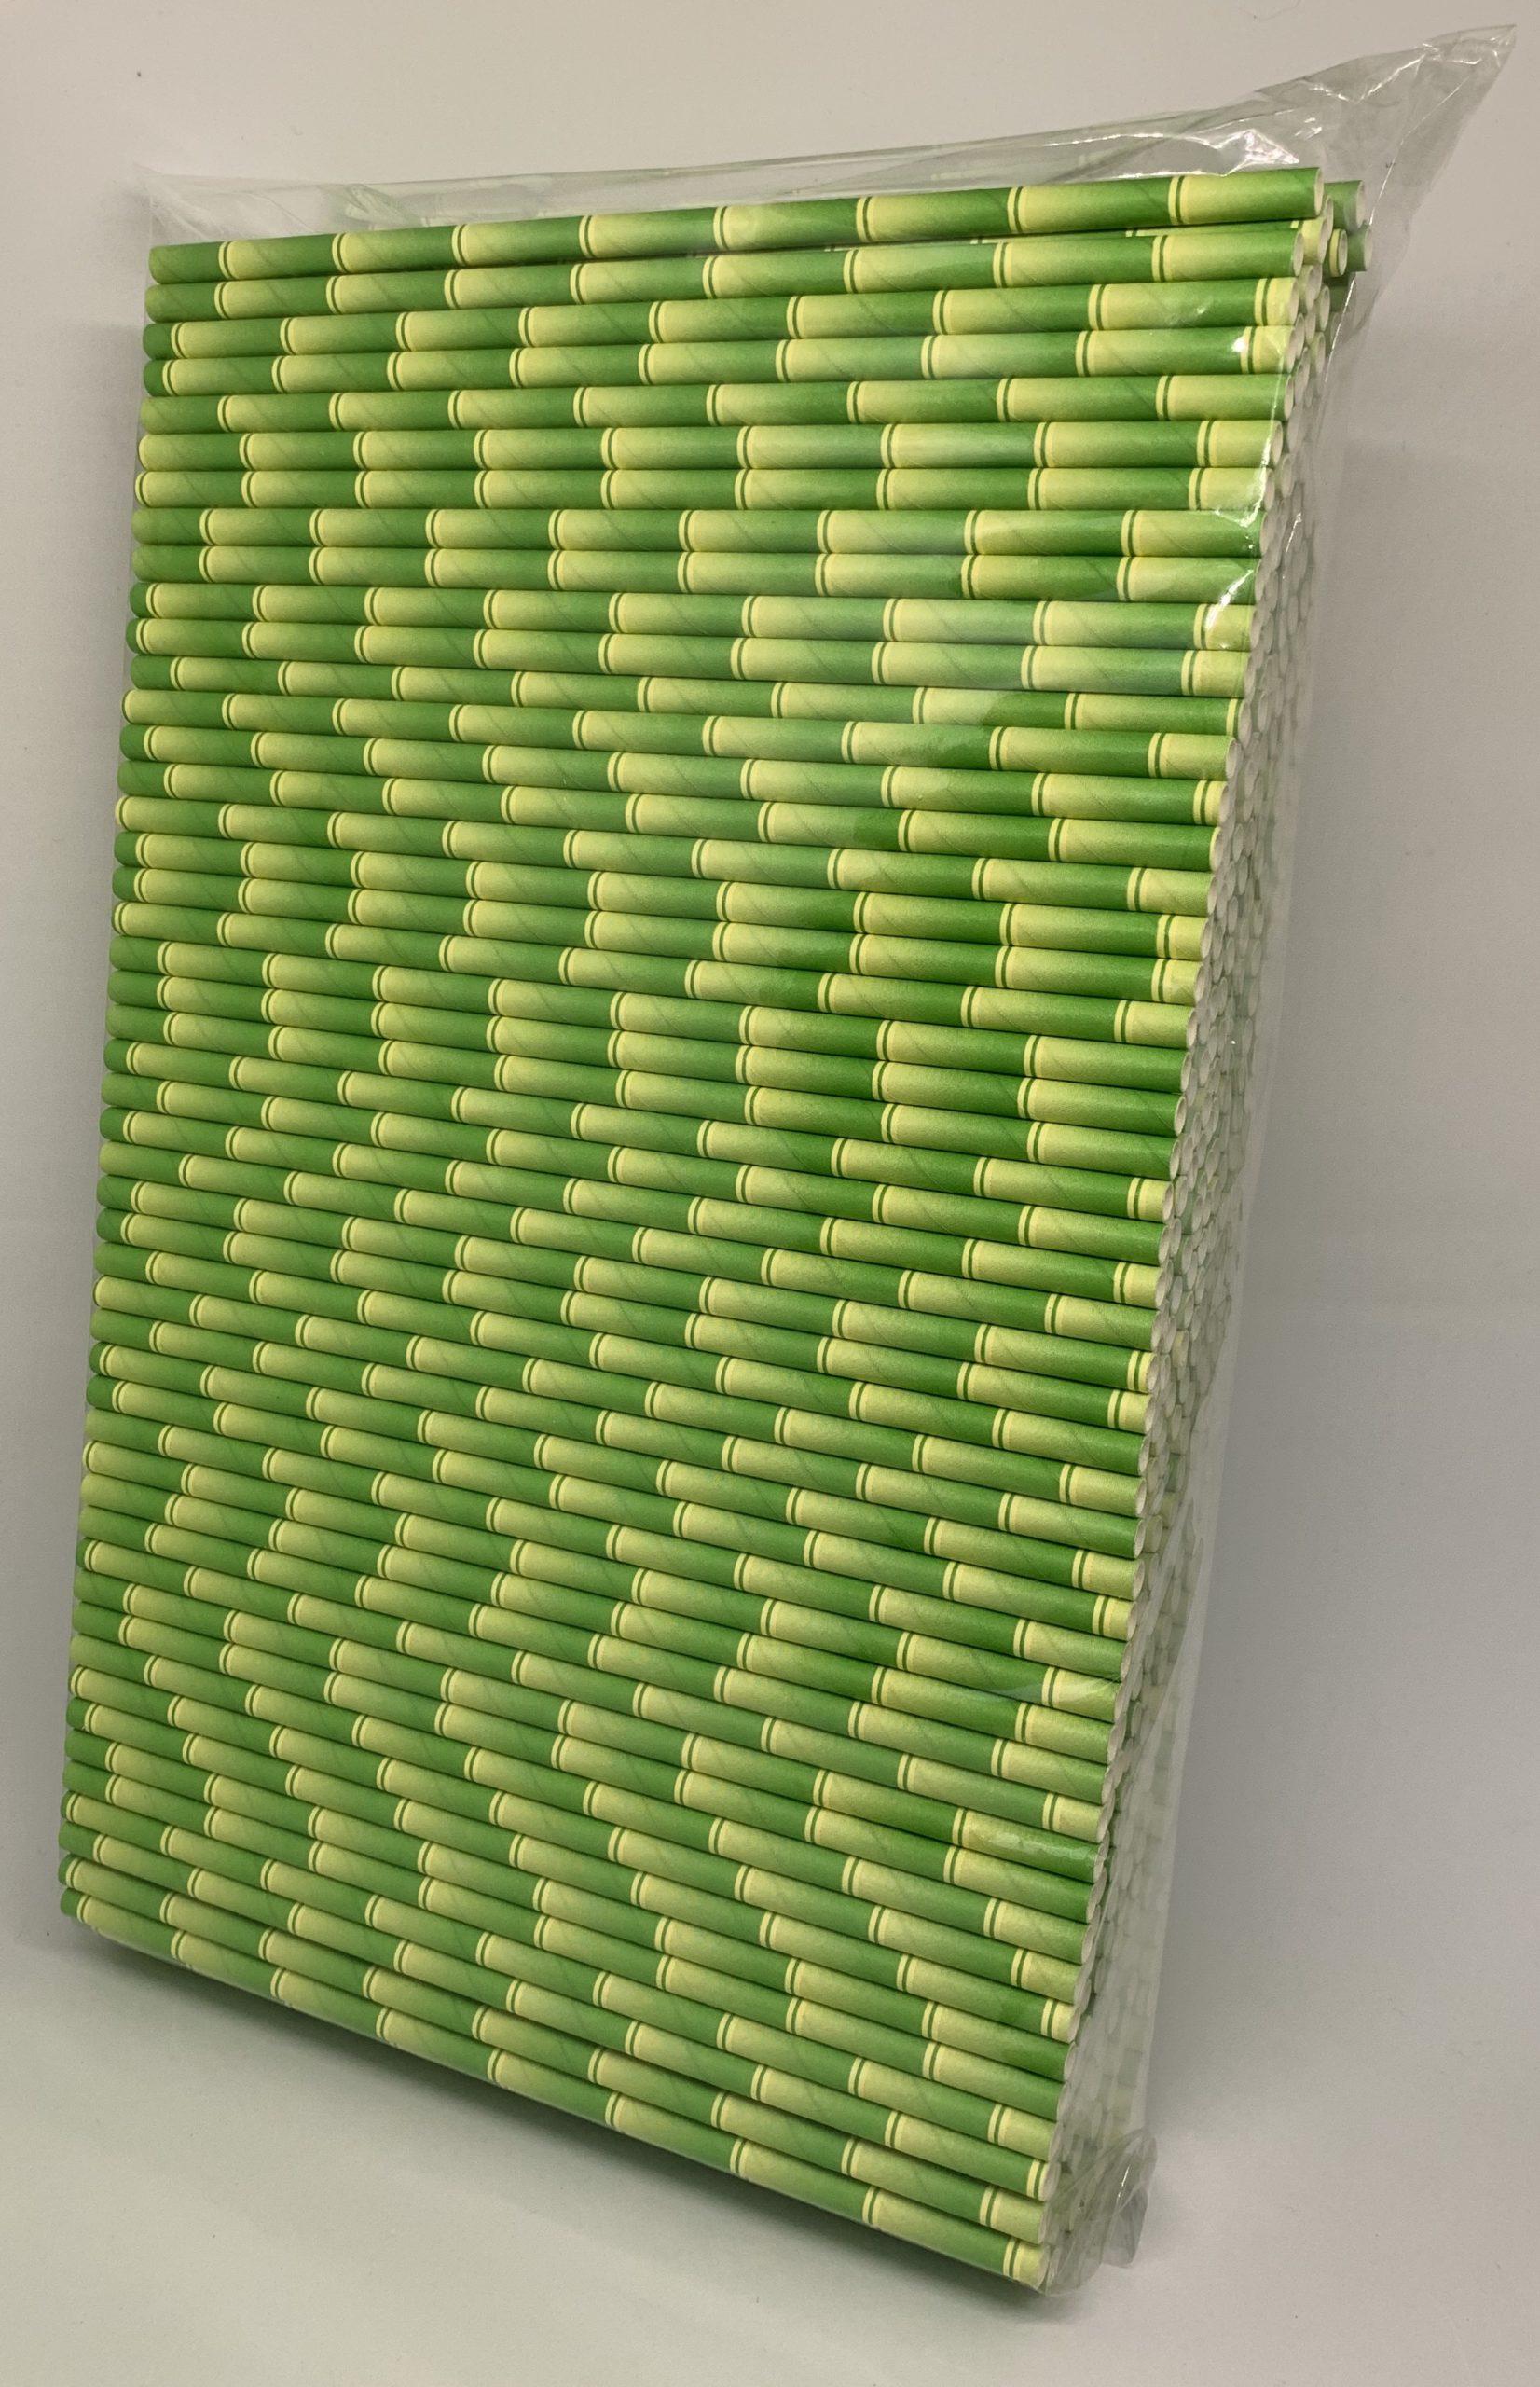 Bamboe groen papieren rietjes, 6 mm doorsnede en 20 cm lang zak